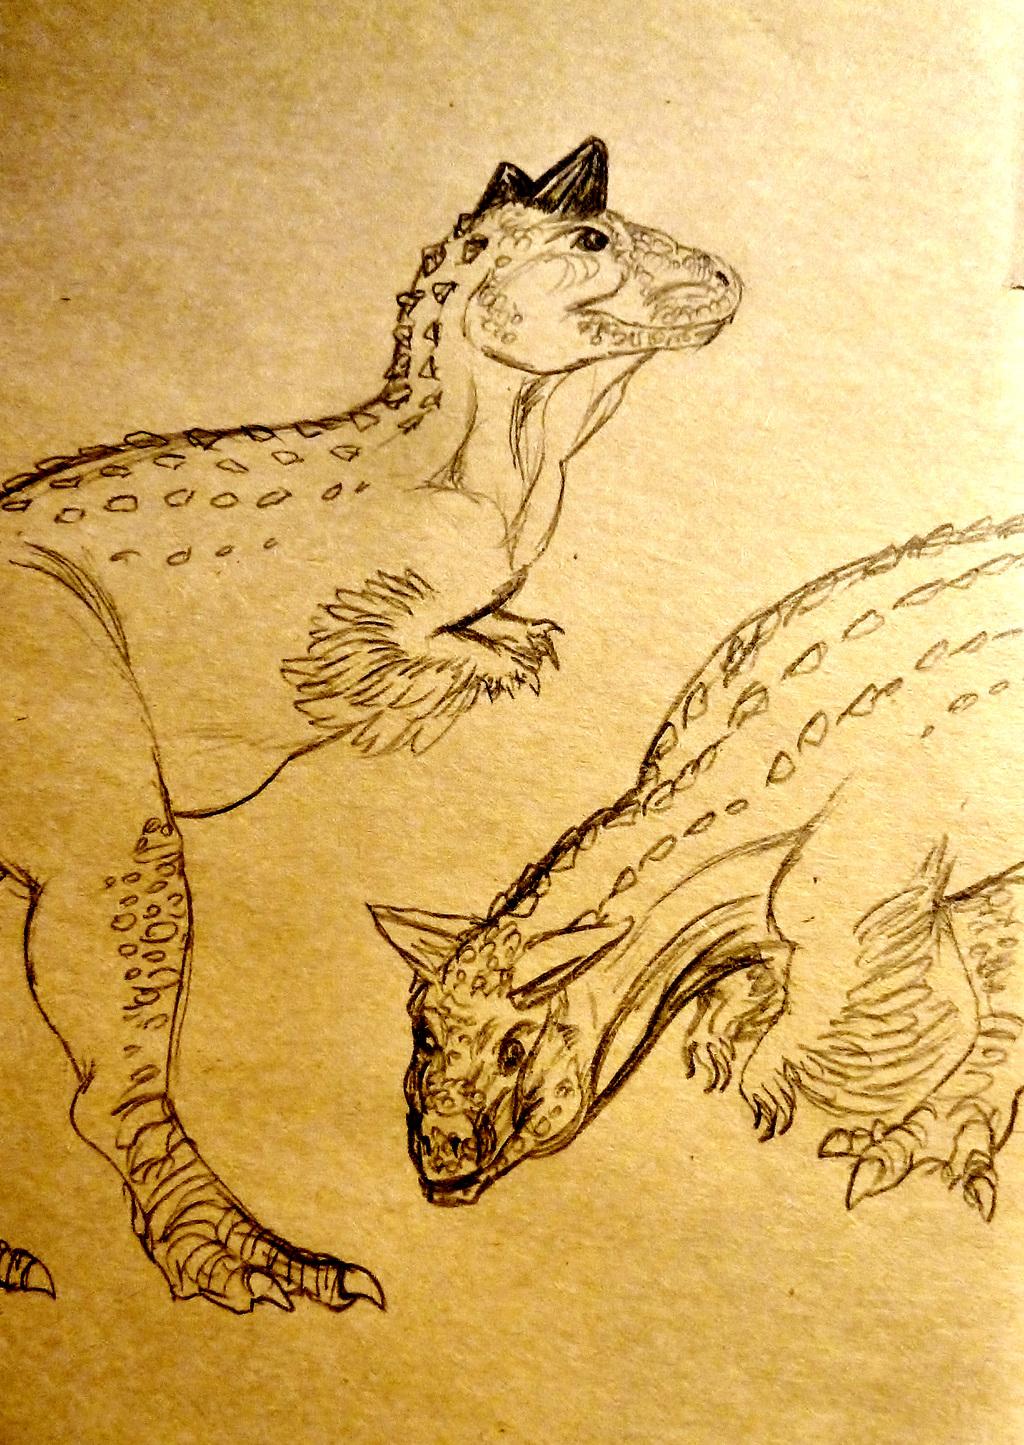 Carnotaurus Sketches